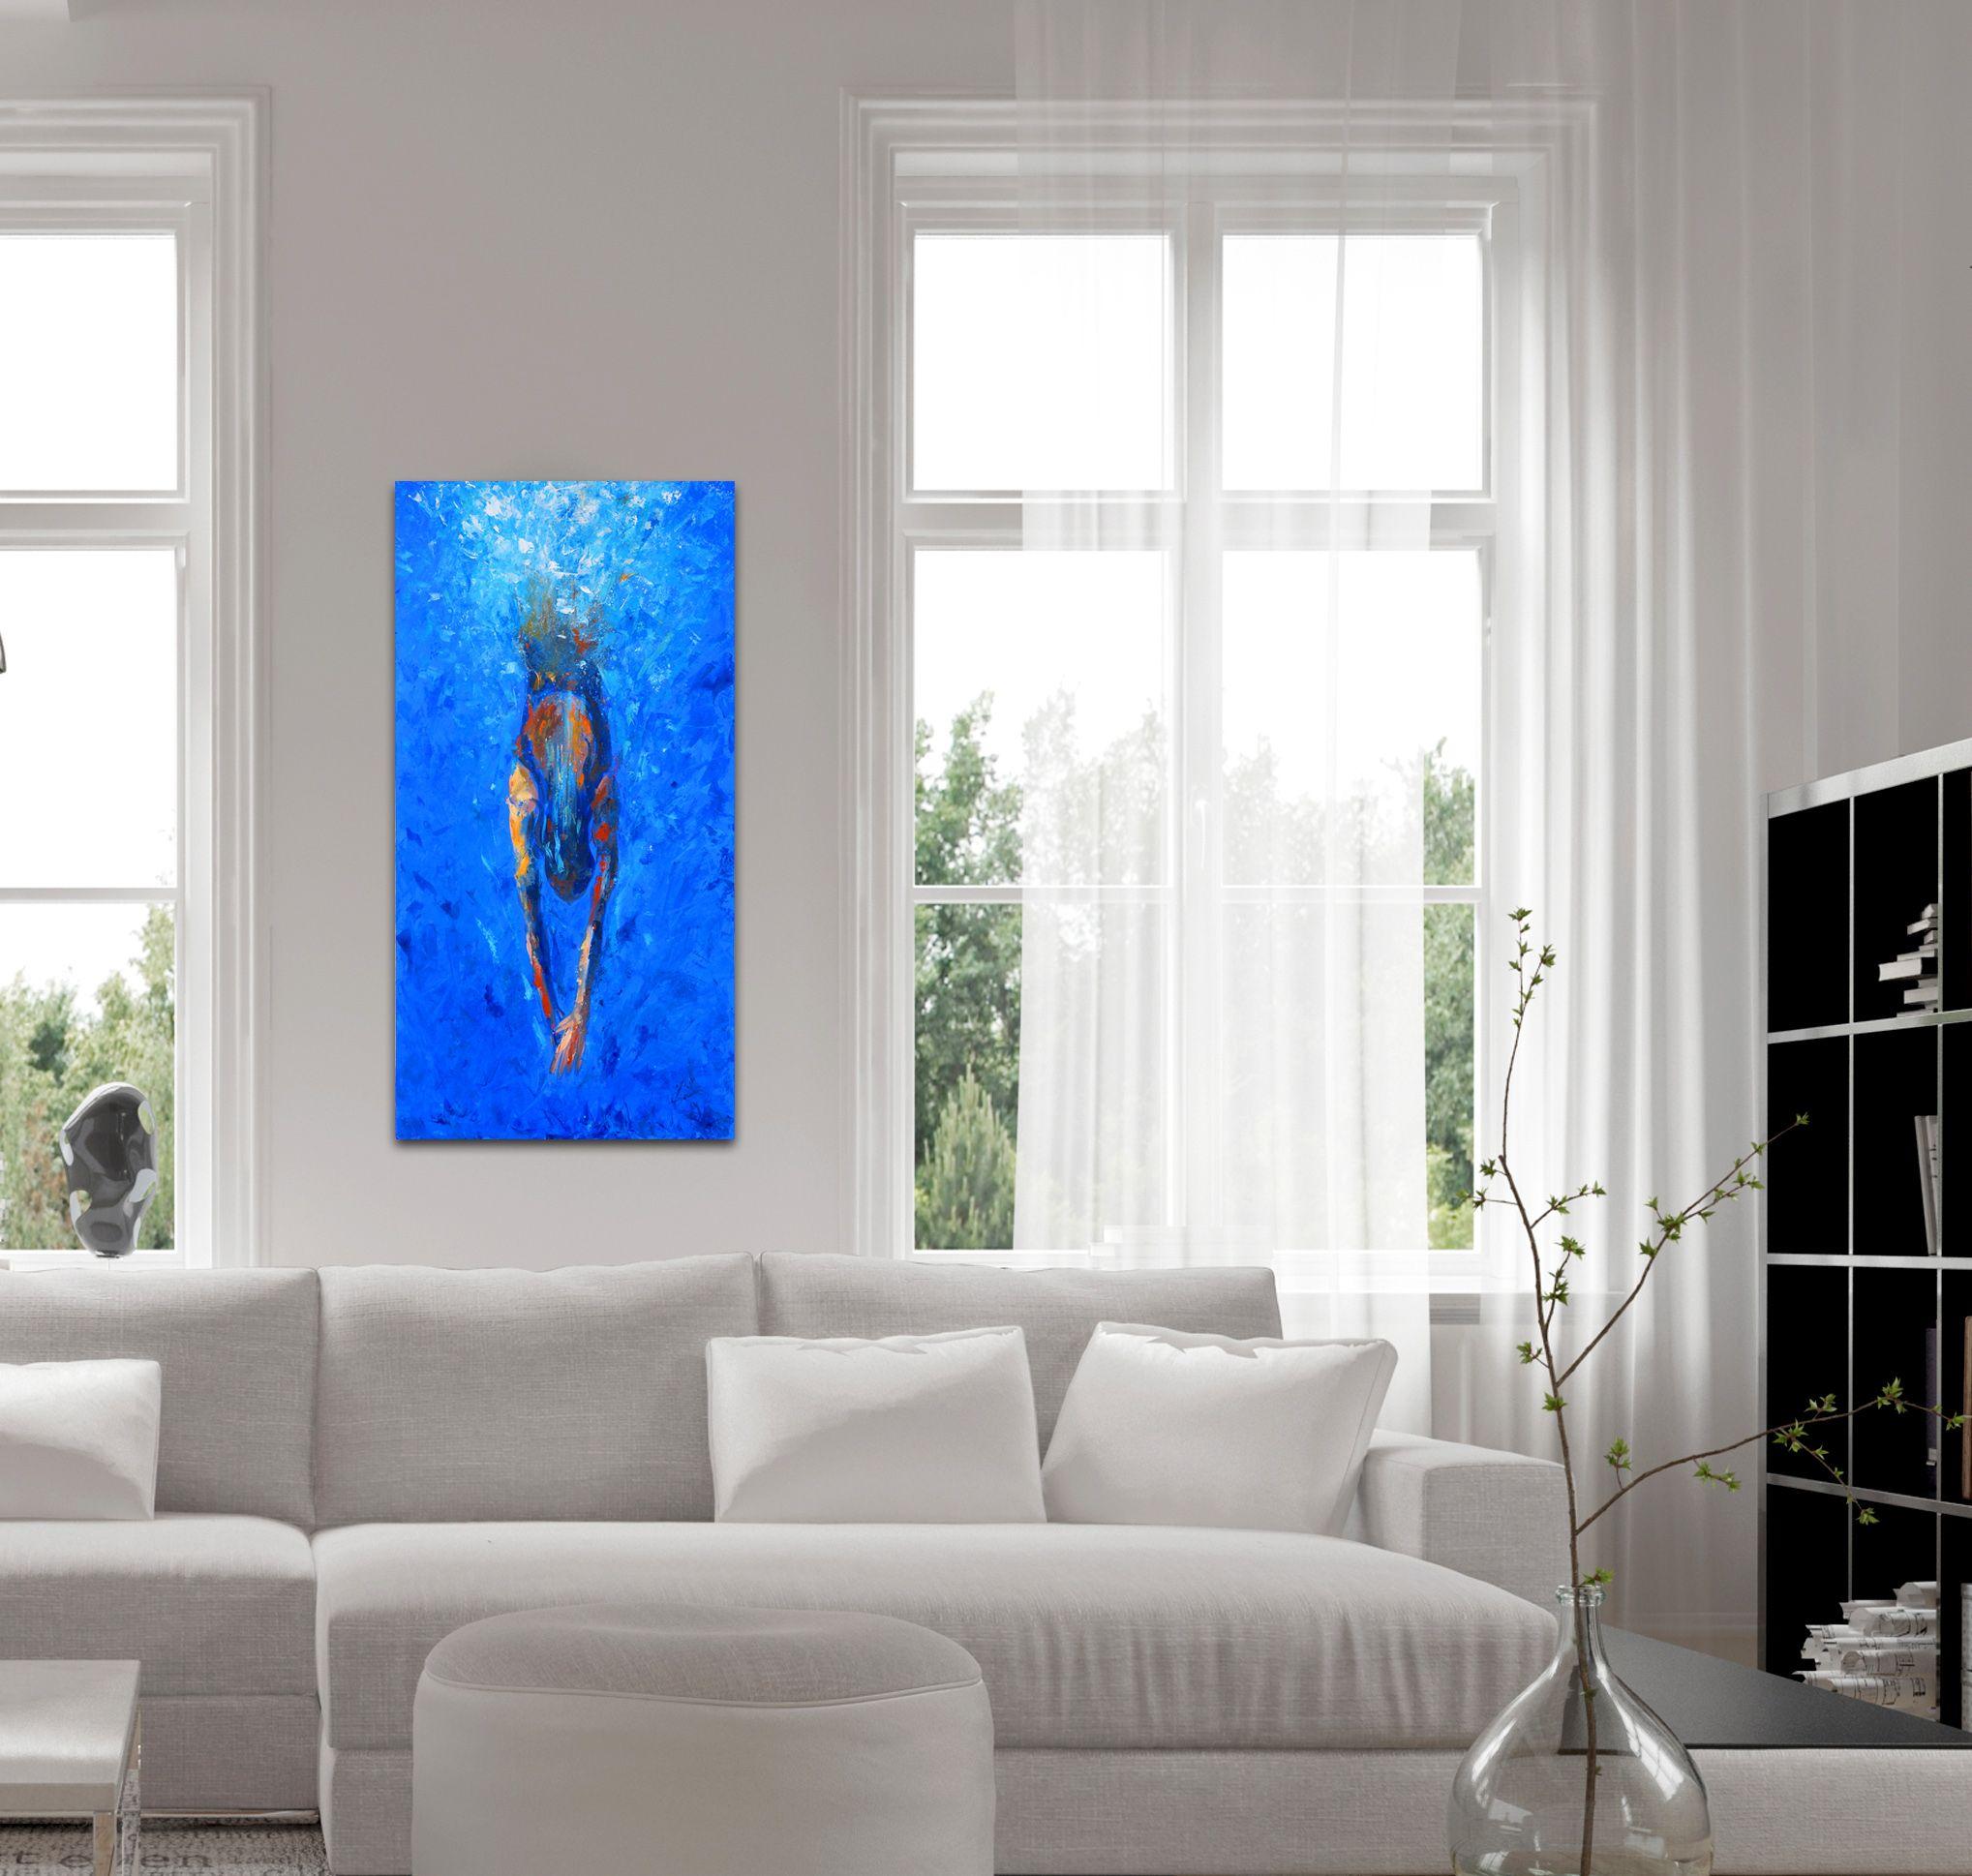 Otwarta kuchnia w bieli hola design homesquare - Acrylic And Oil On Board Swim Diving Blue Interior Design Art